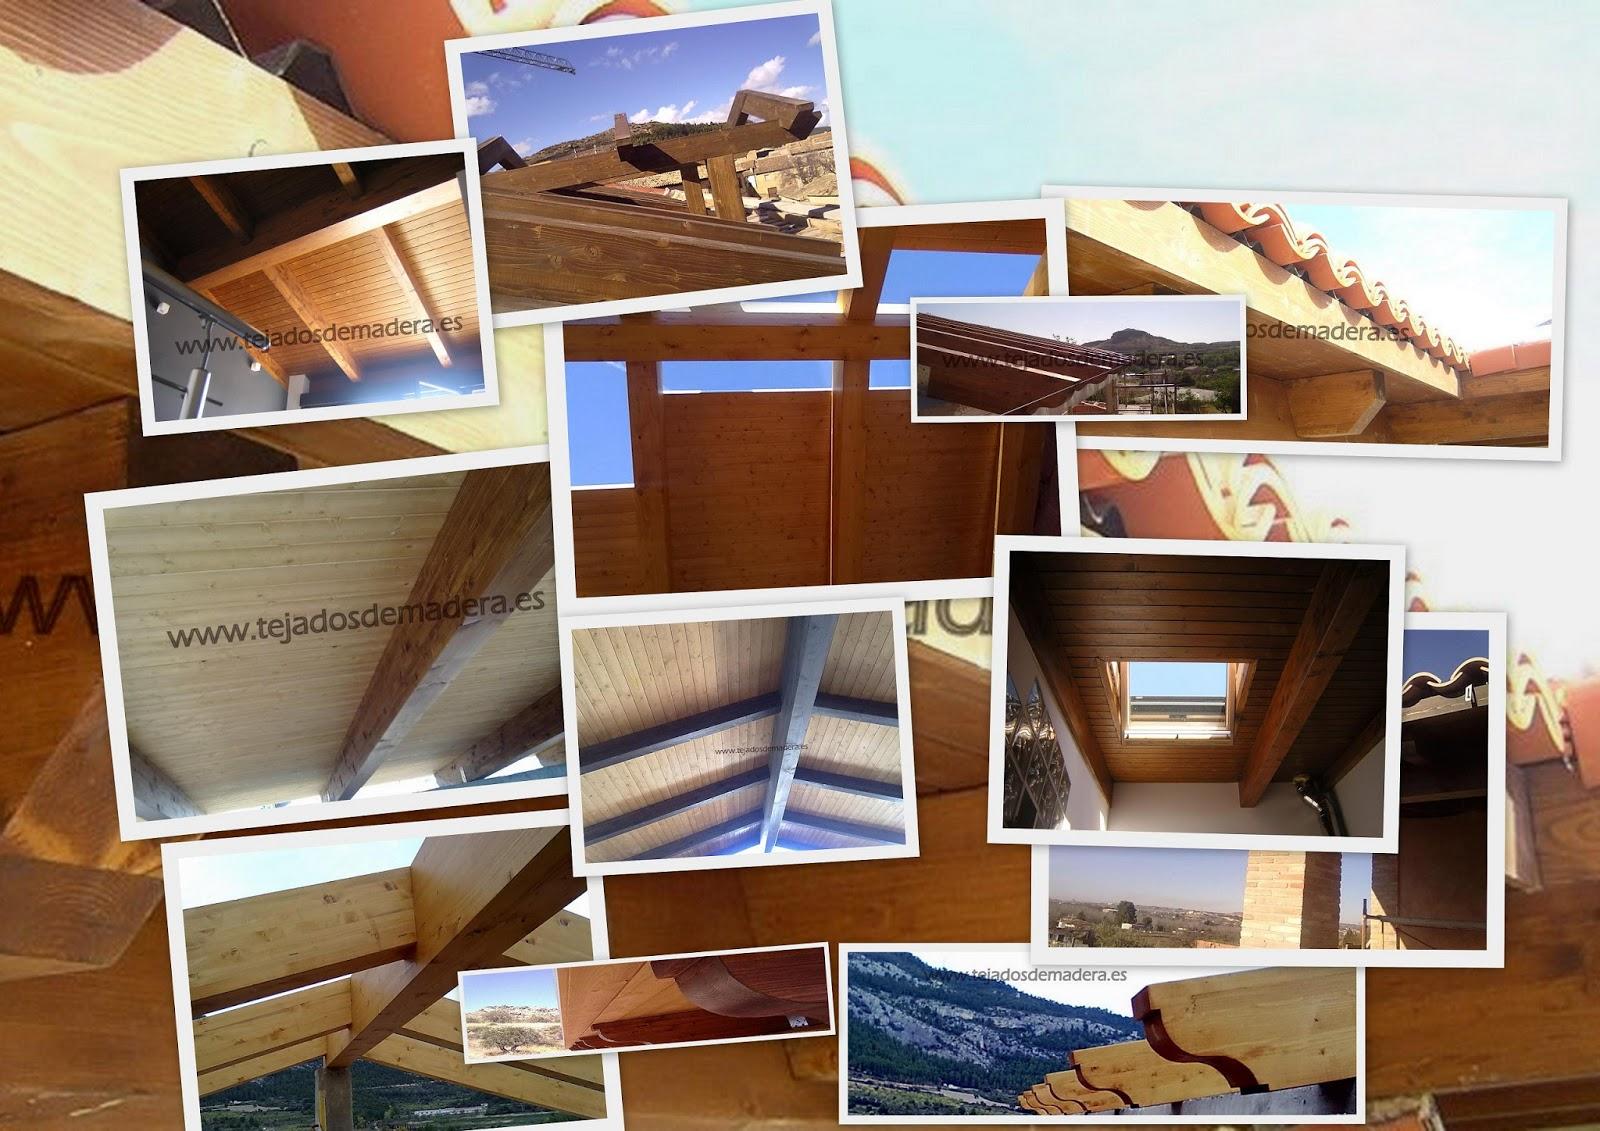 Estructuras de madera cutecma cutecma feliz 2012 for Tejados de madera vizcaya